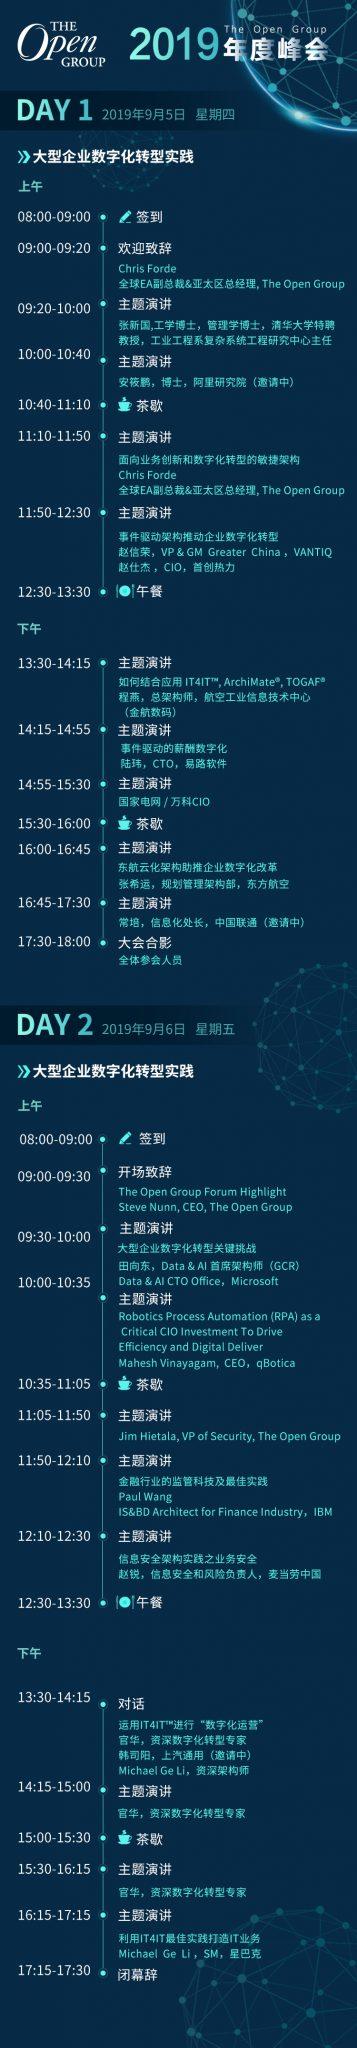 The open group 2019年度峰会 -- 第4张